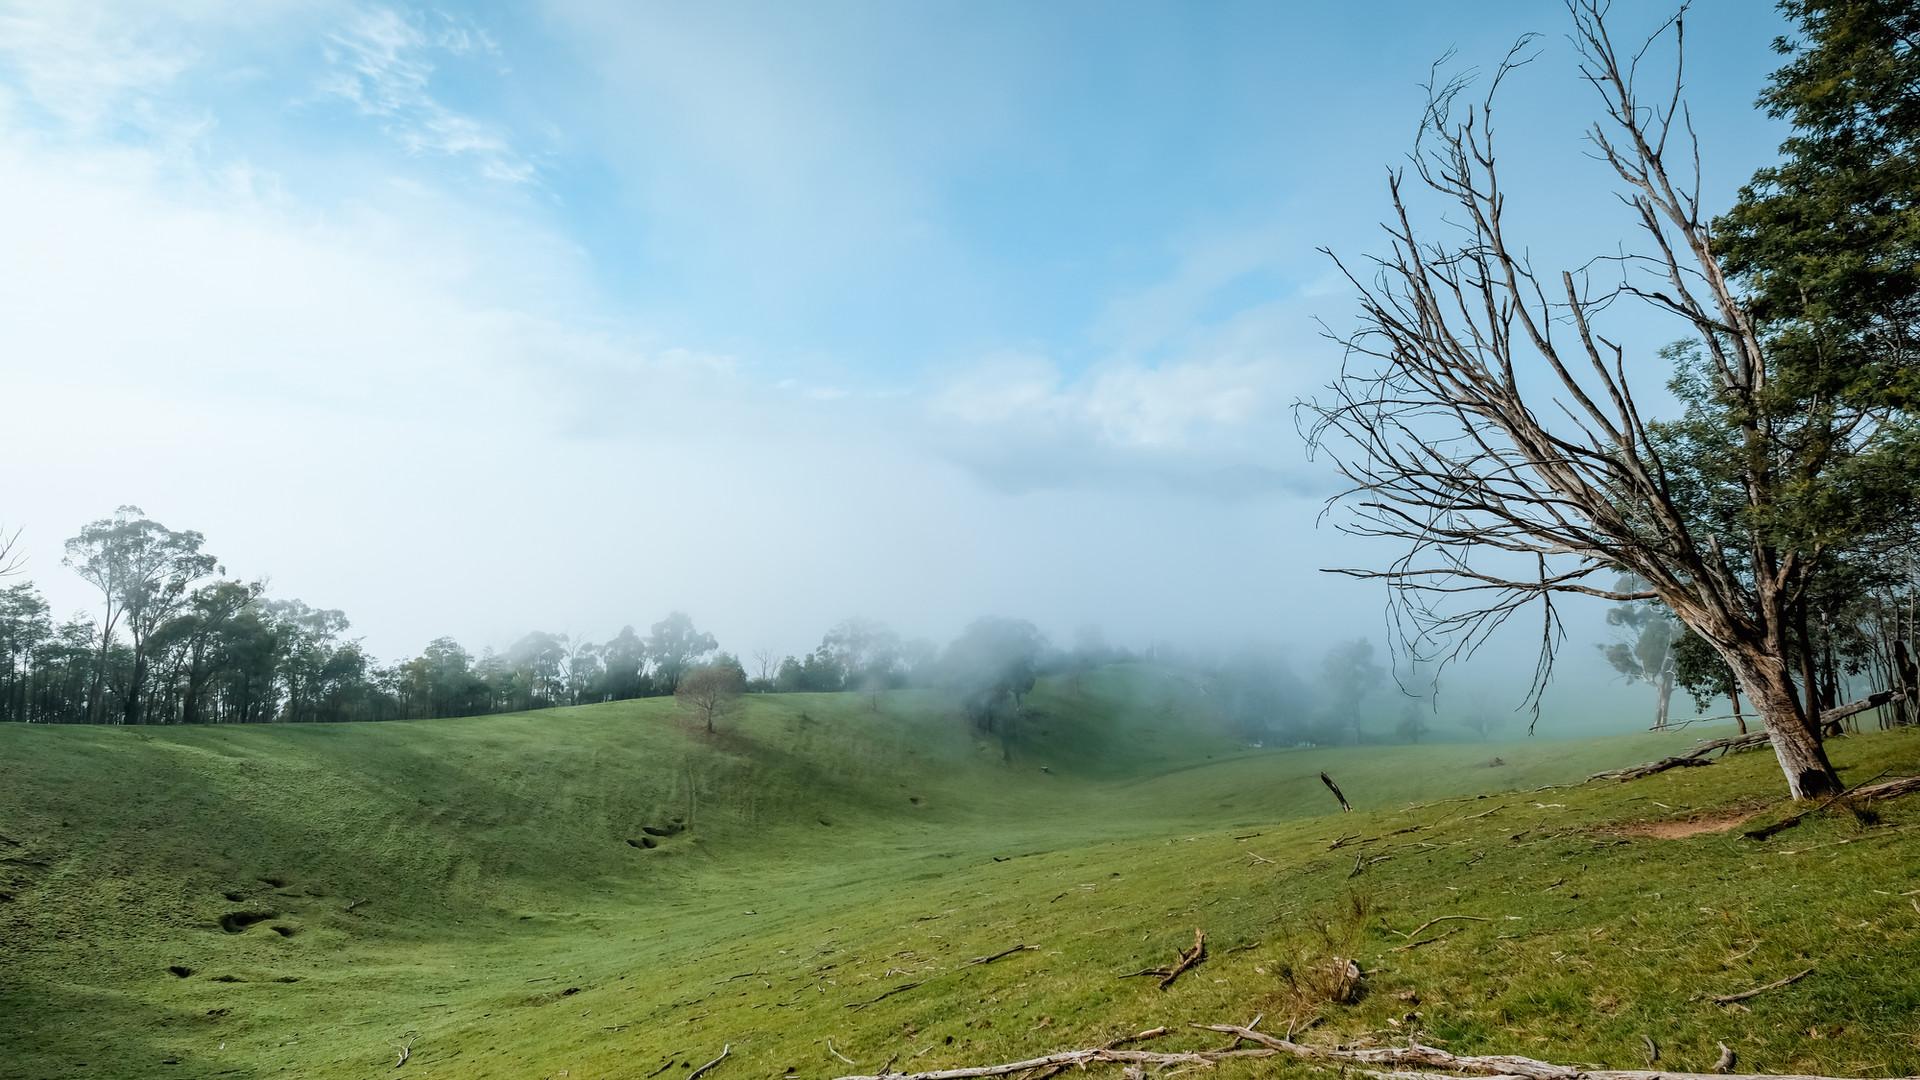 New Start, Misty Morning